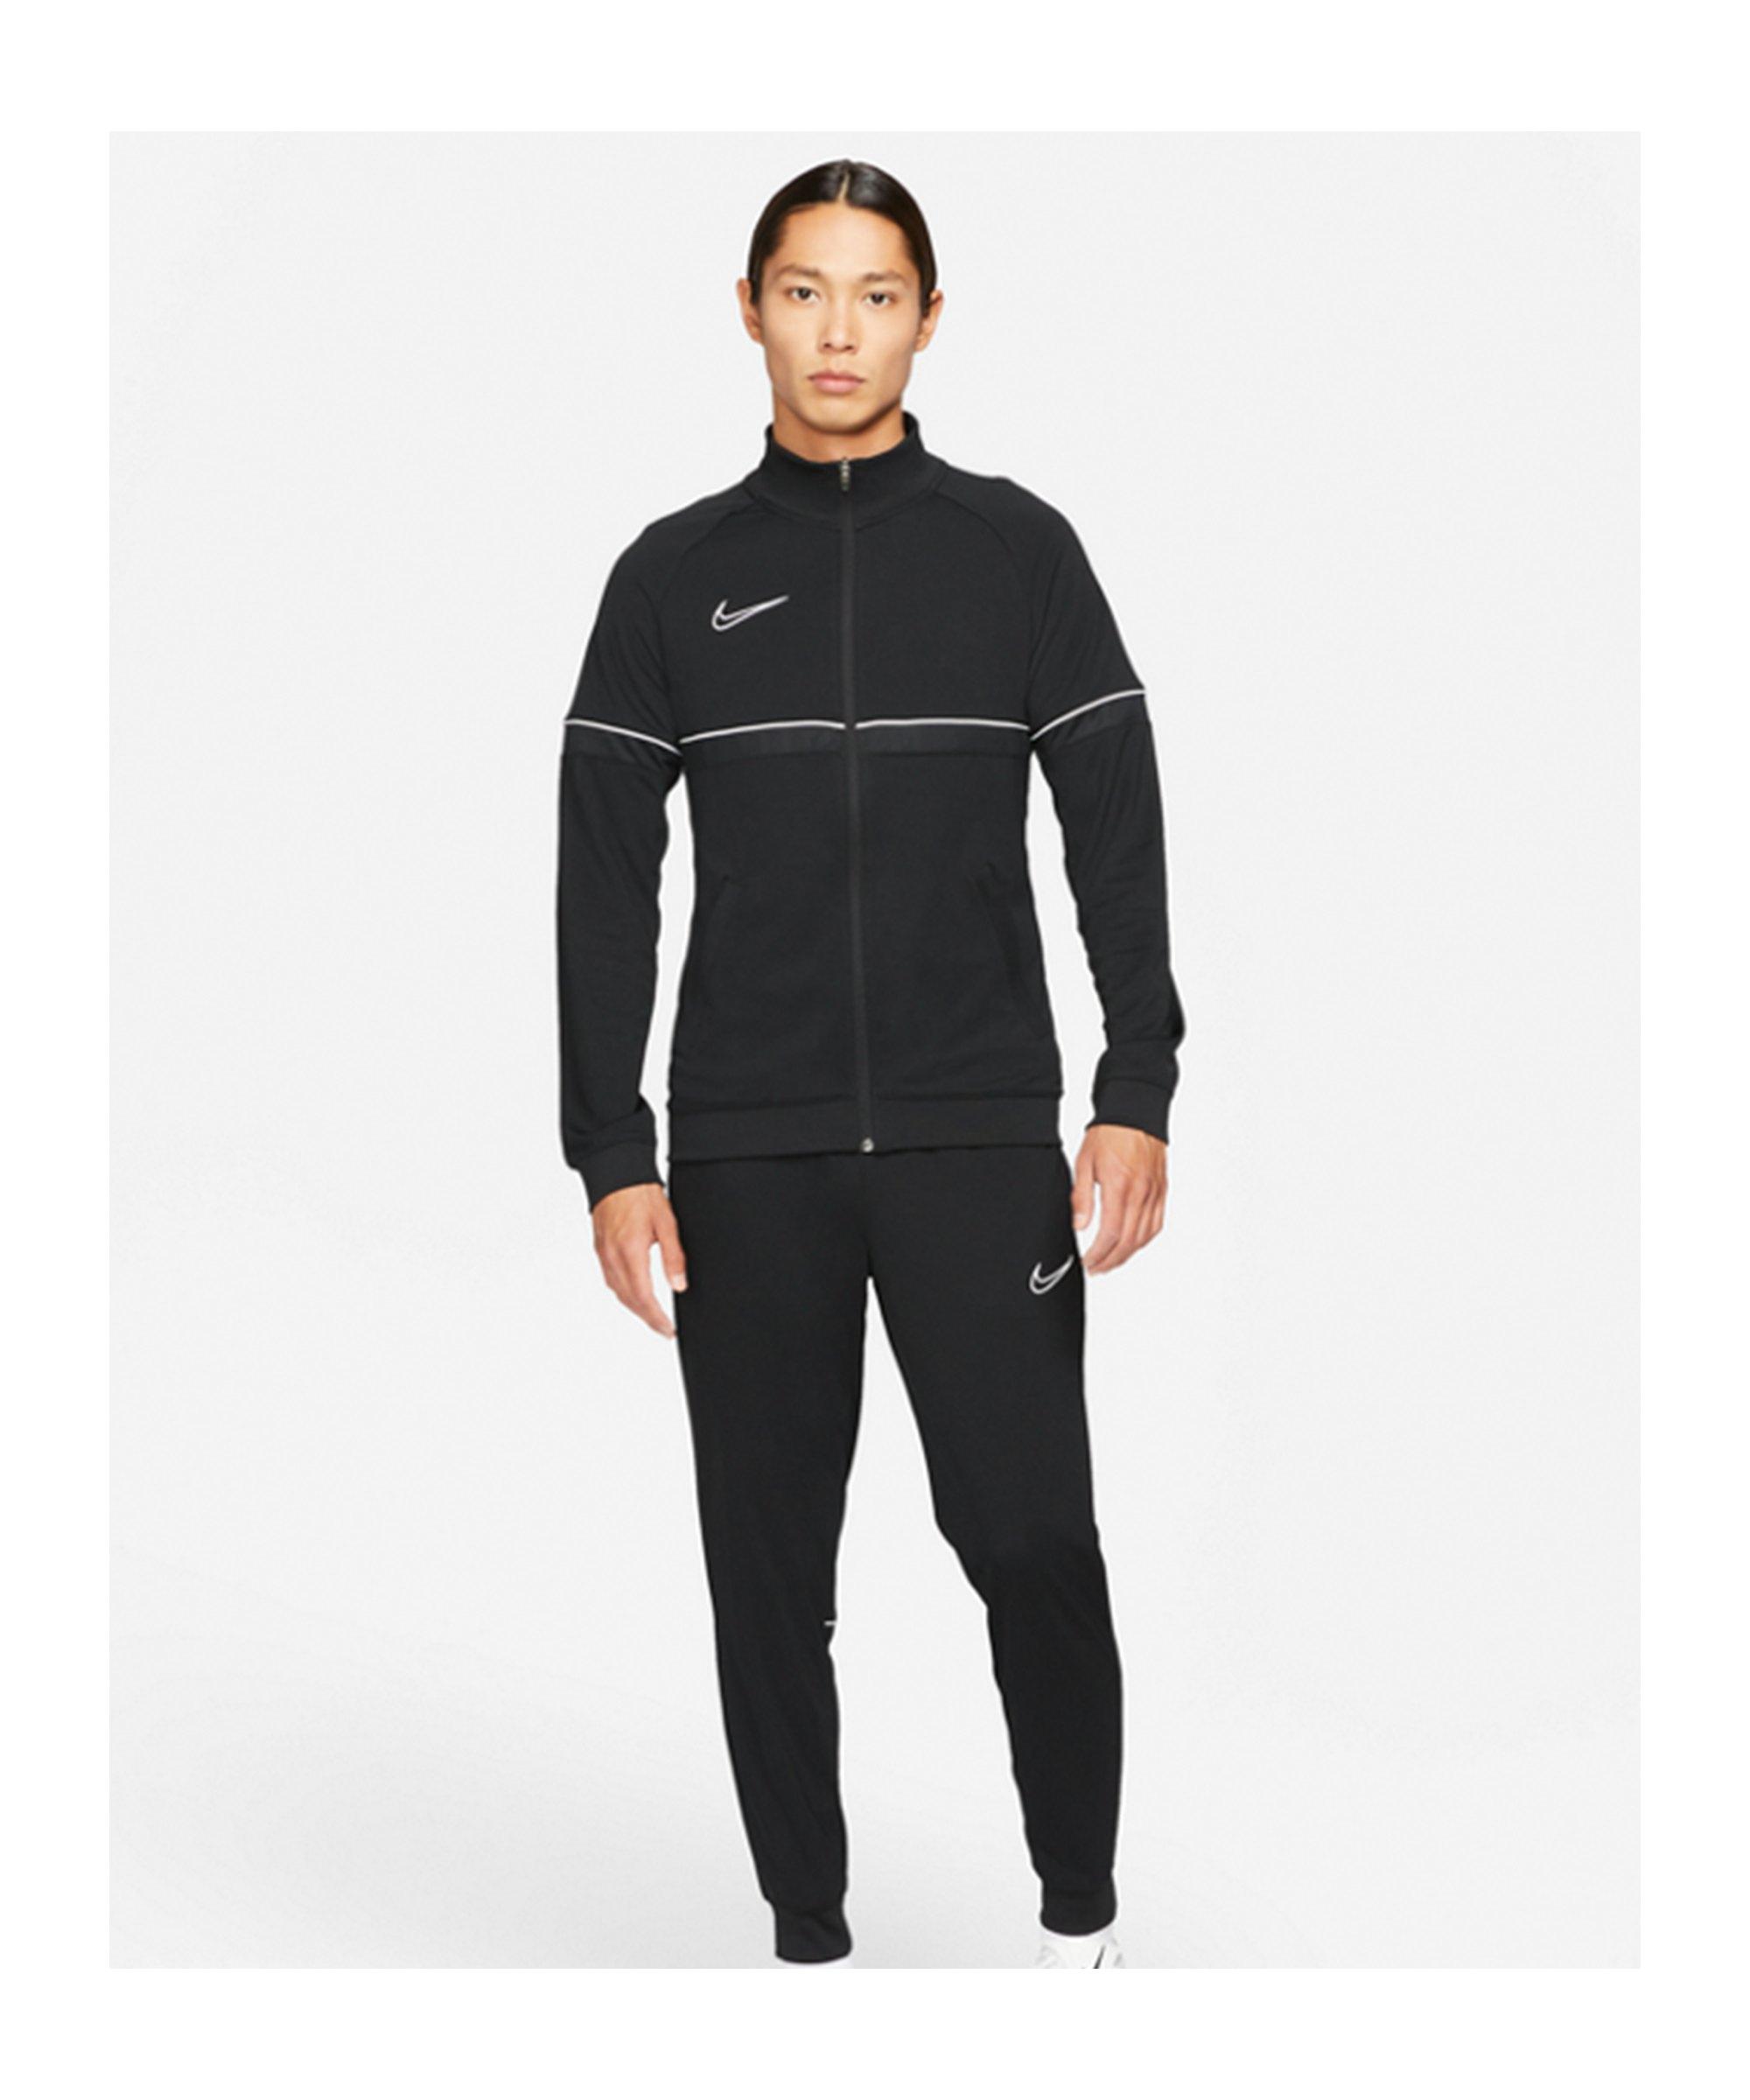 Nike Dri-Fit Academy Trainingsanzug Schwarz F014 - schwarz